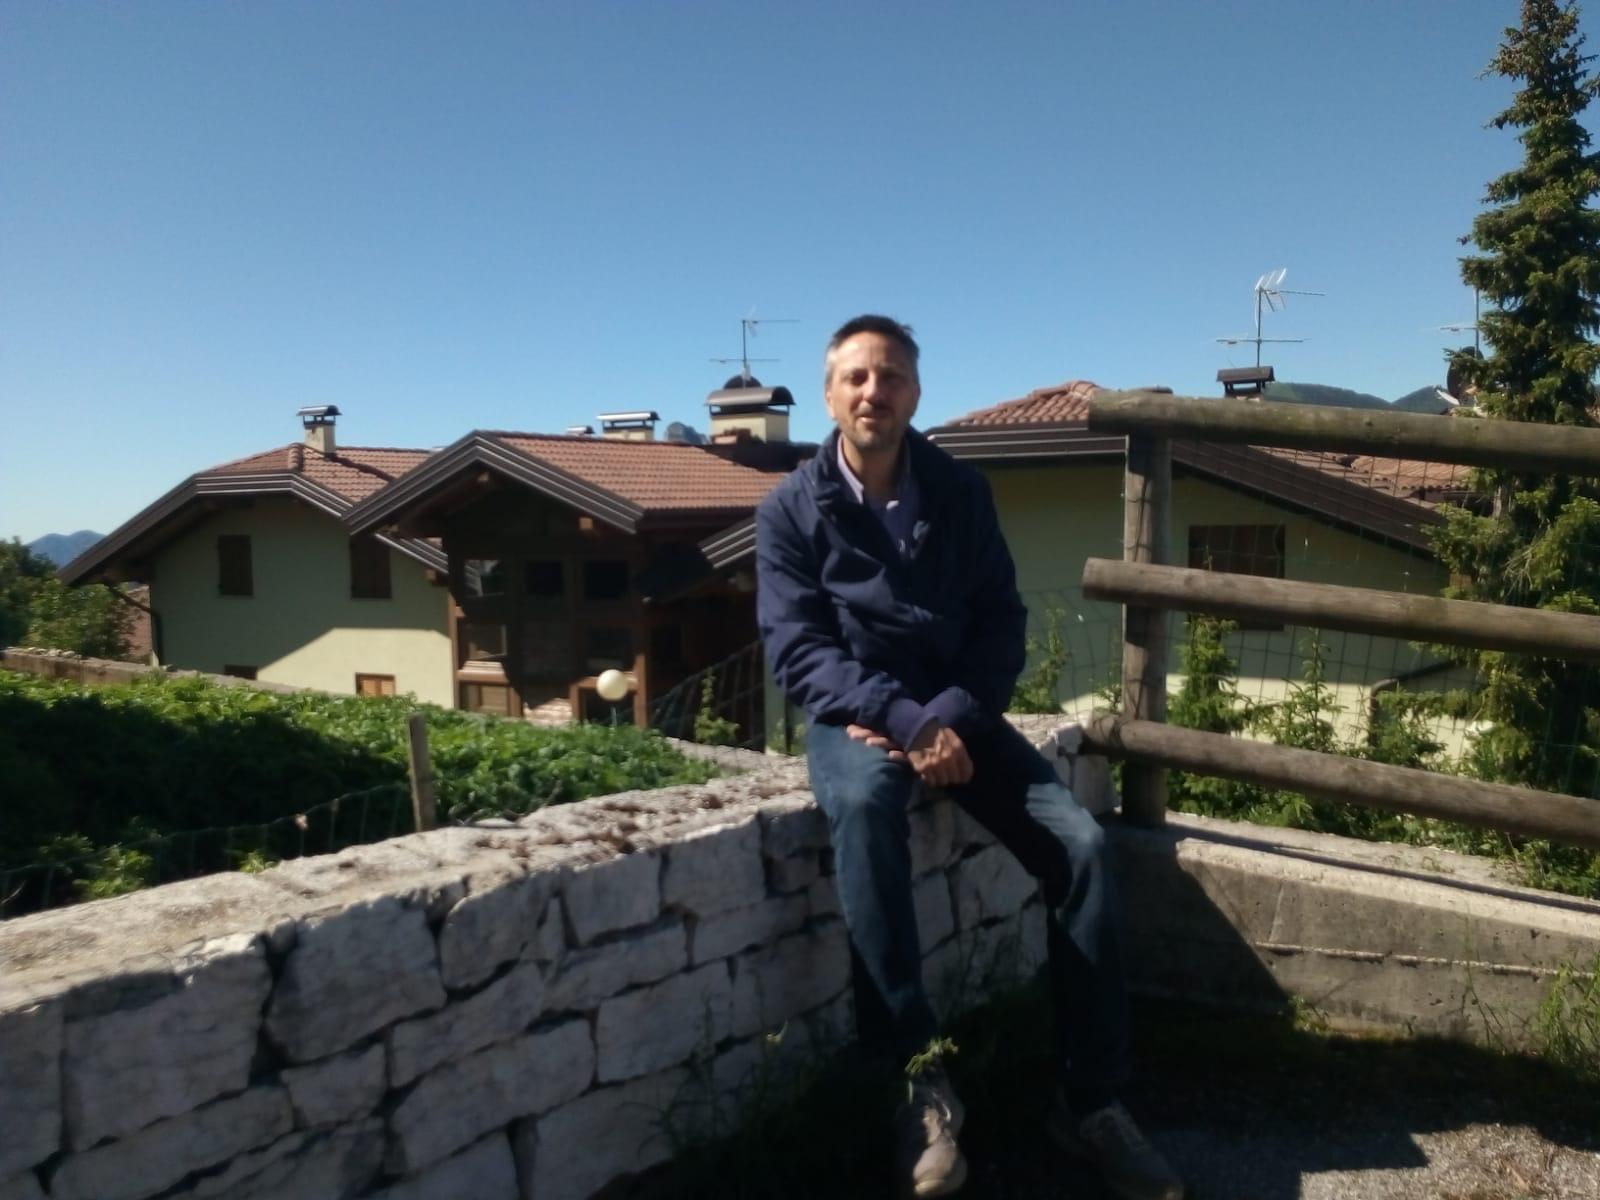 Il sindaco di Luserna, Luca Nicolussi Paolaz / Amministrazione comunale vo Lusern